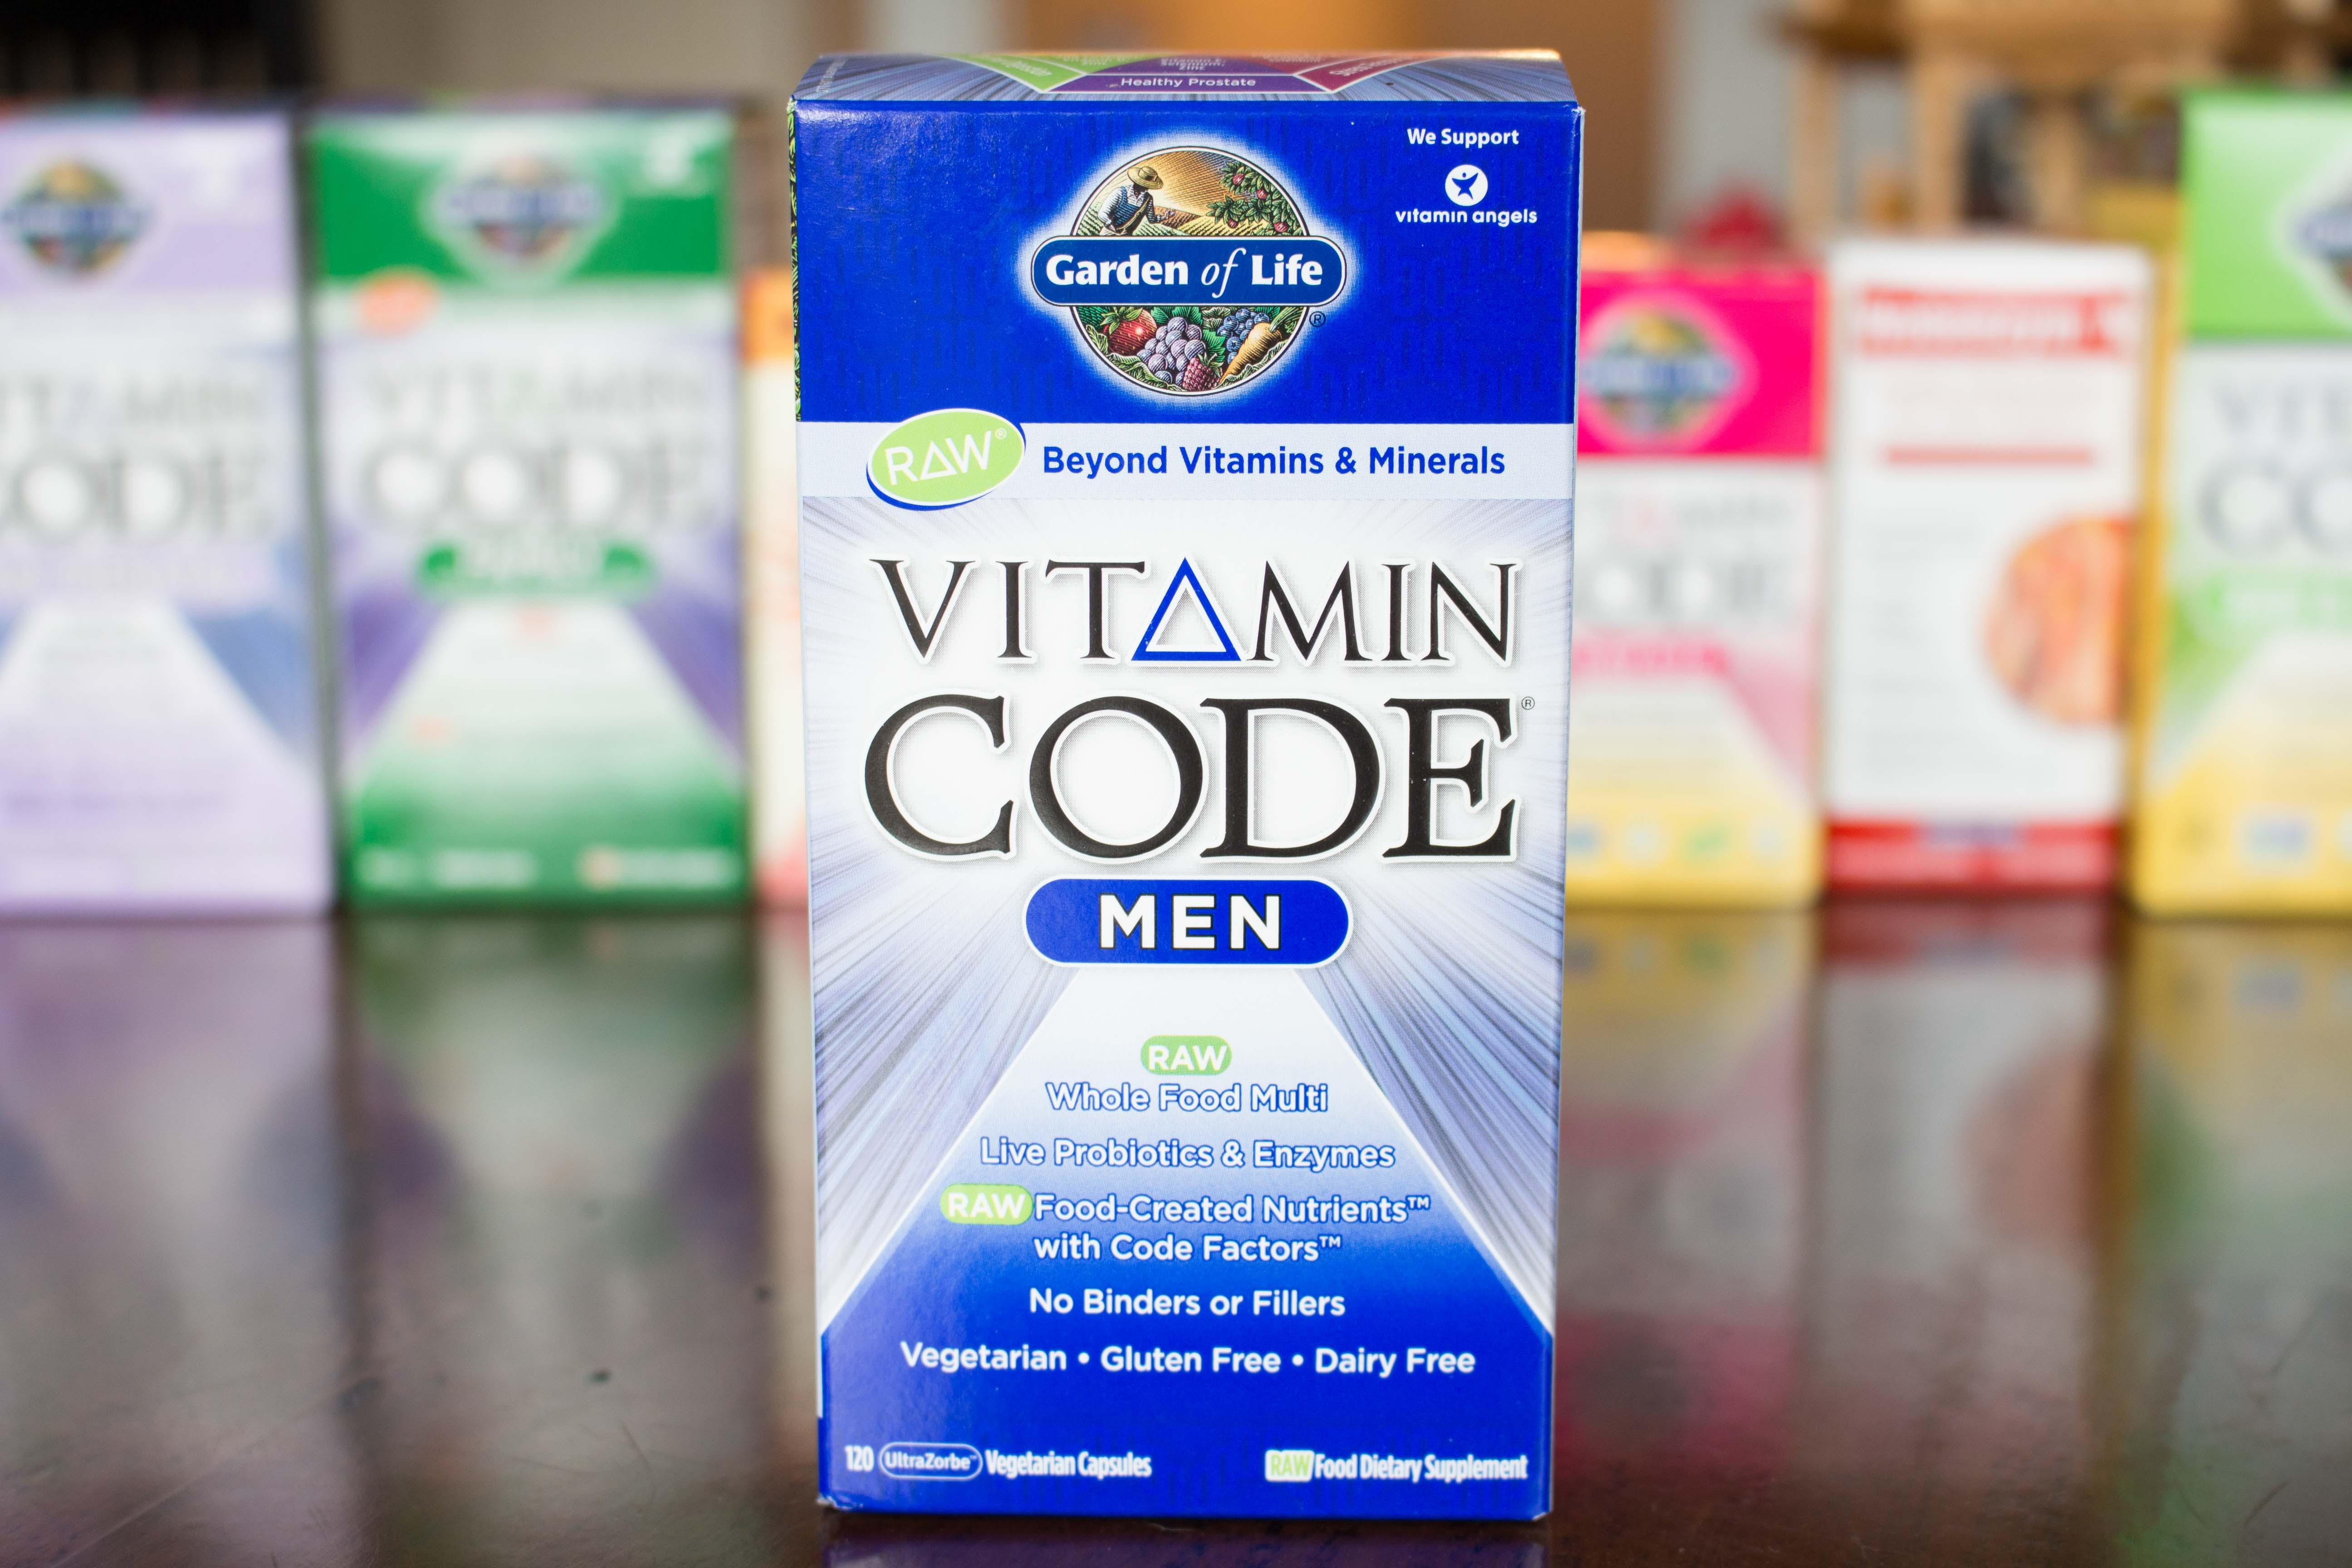 Vitamin Code Men Sanaview